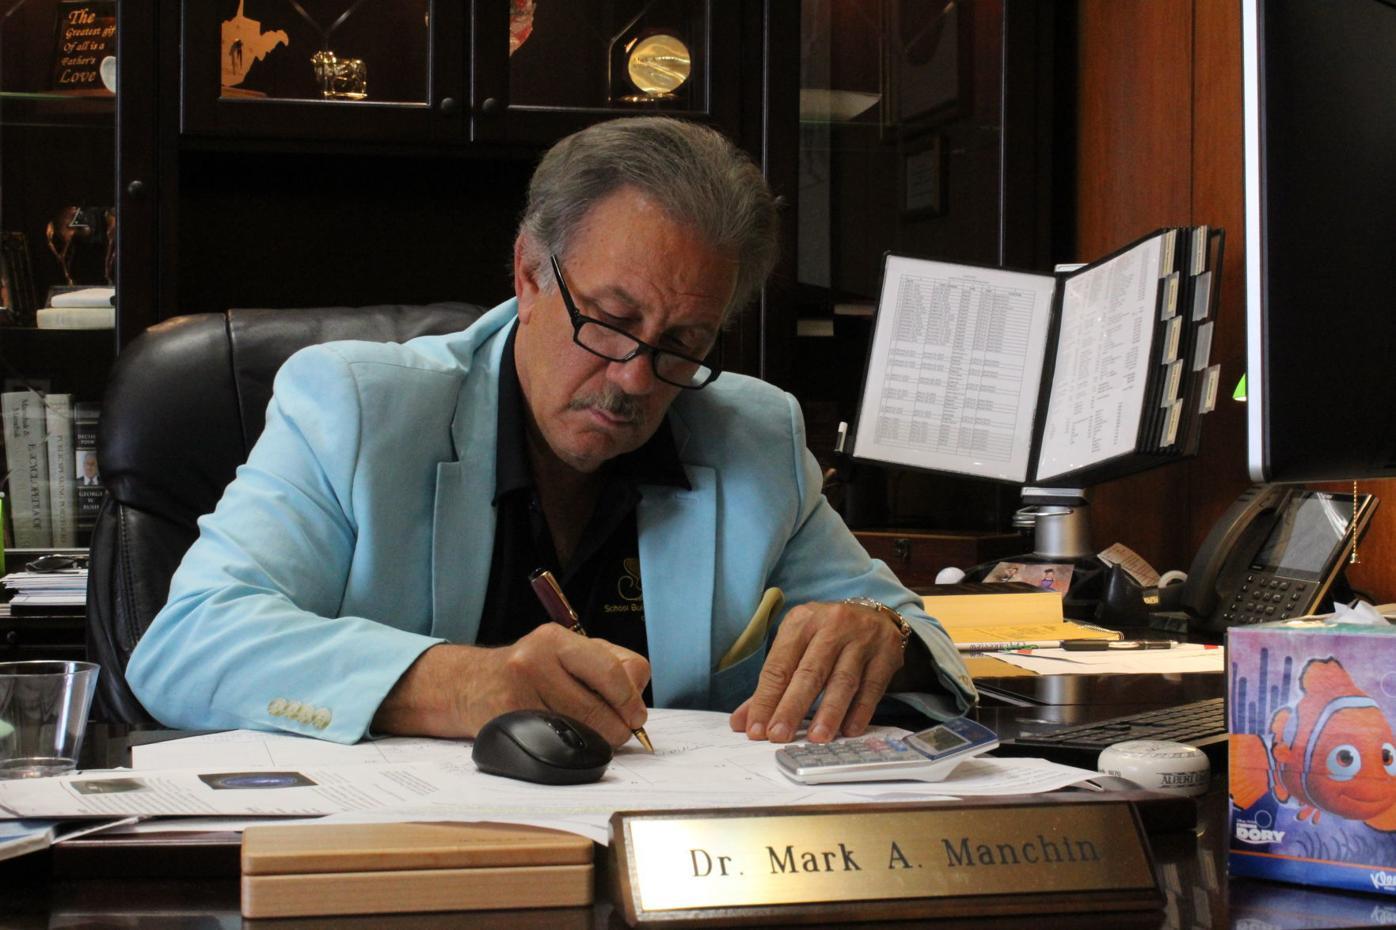 Mark Manchin at desk